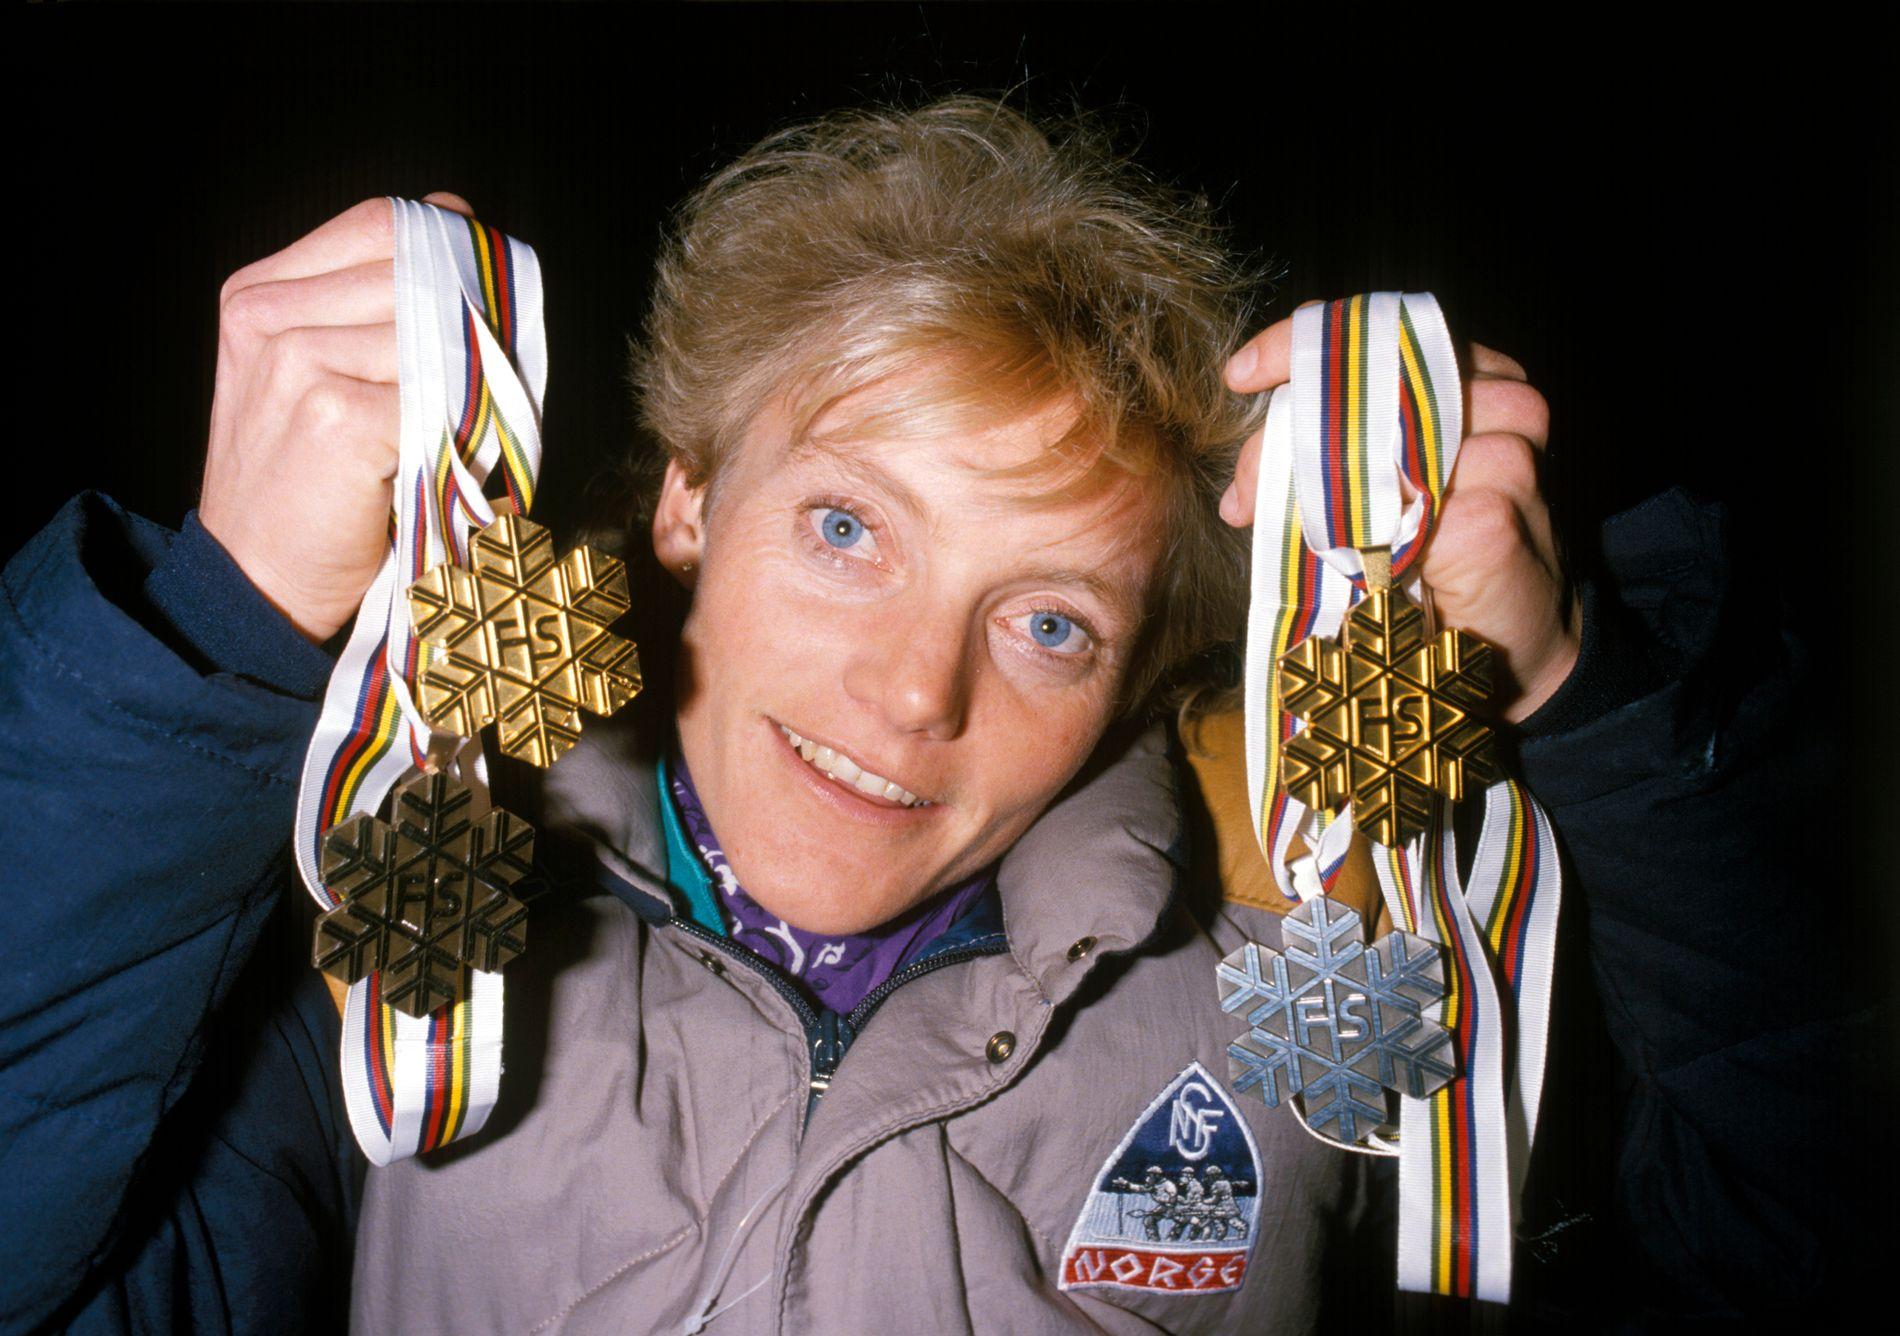 Anette Bøe vant to gull, én sølv og én bronse i Seefeld i 1985.